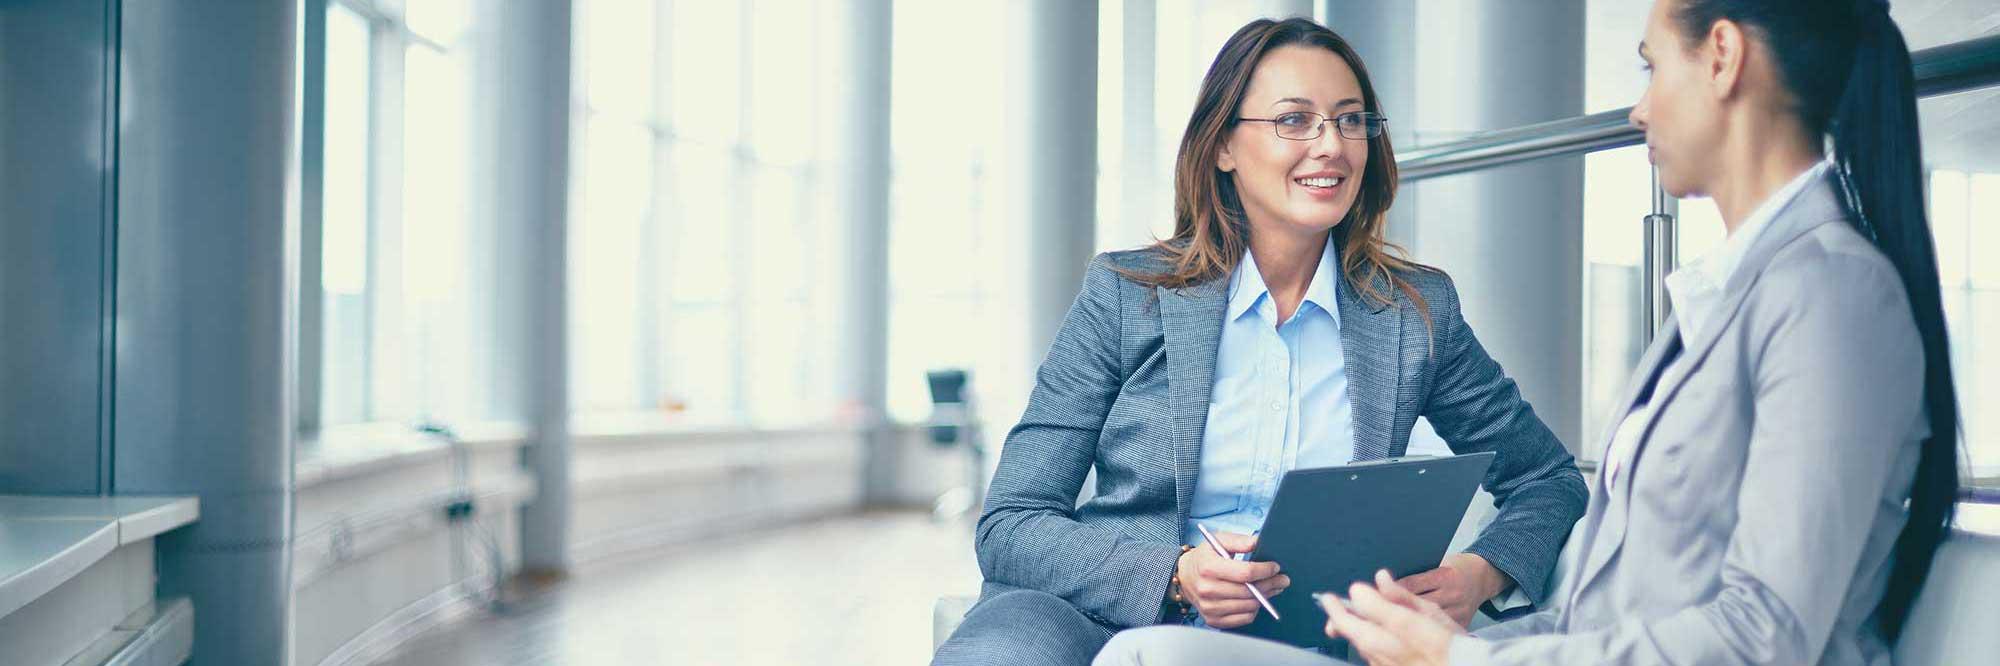 mujeres en una reunión informal de trabajo